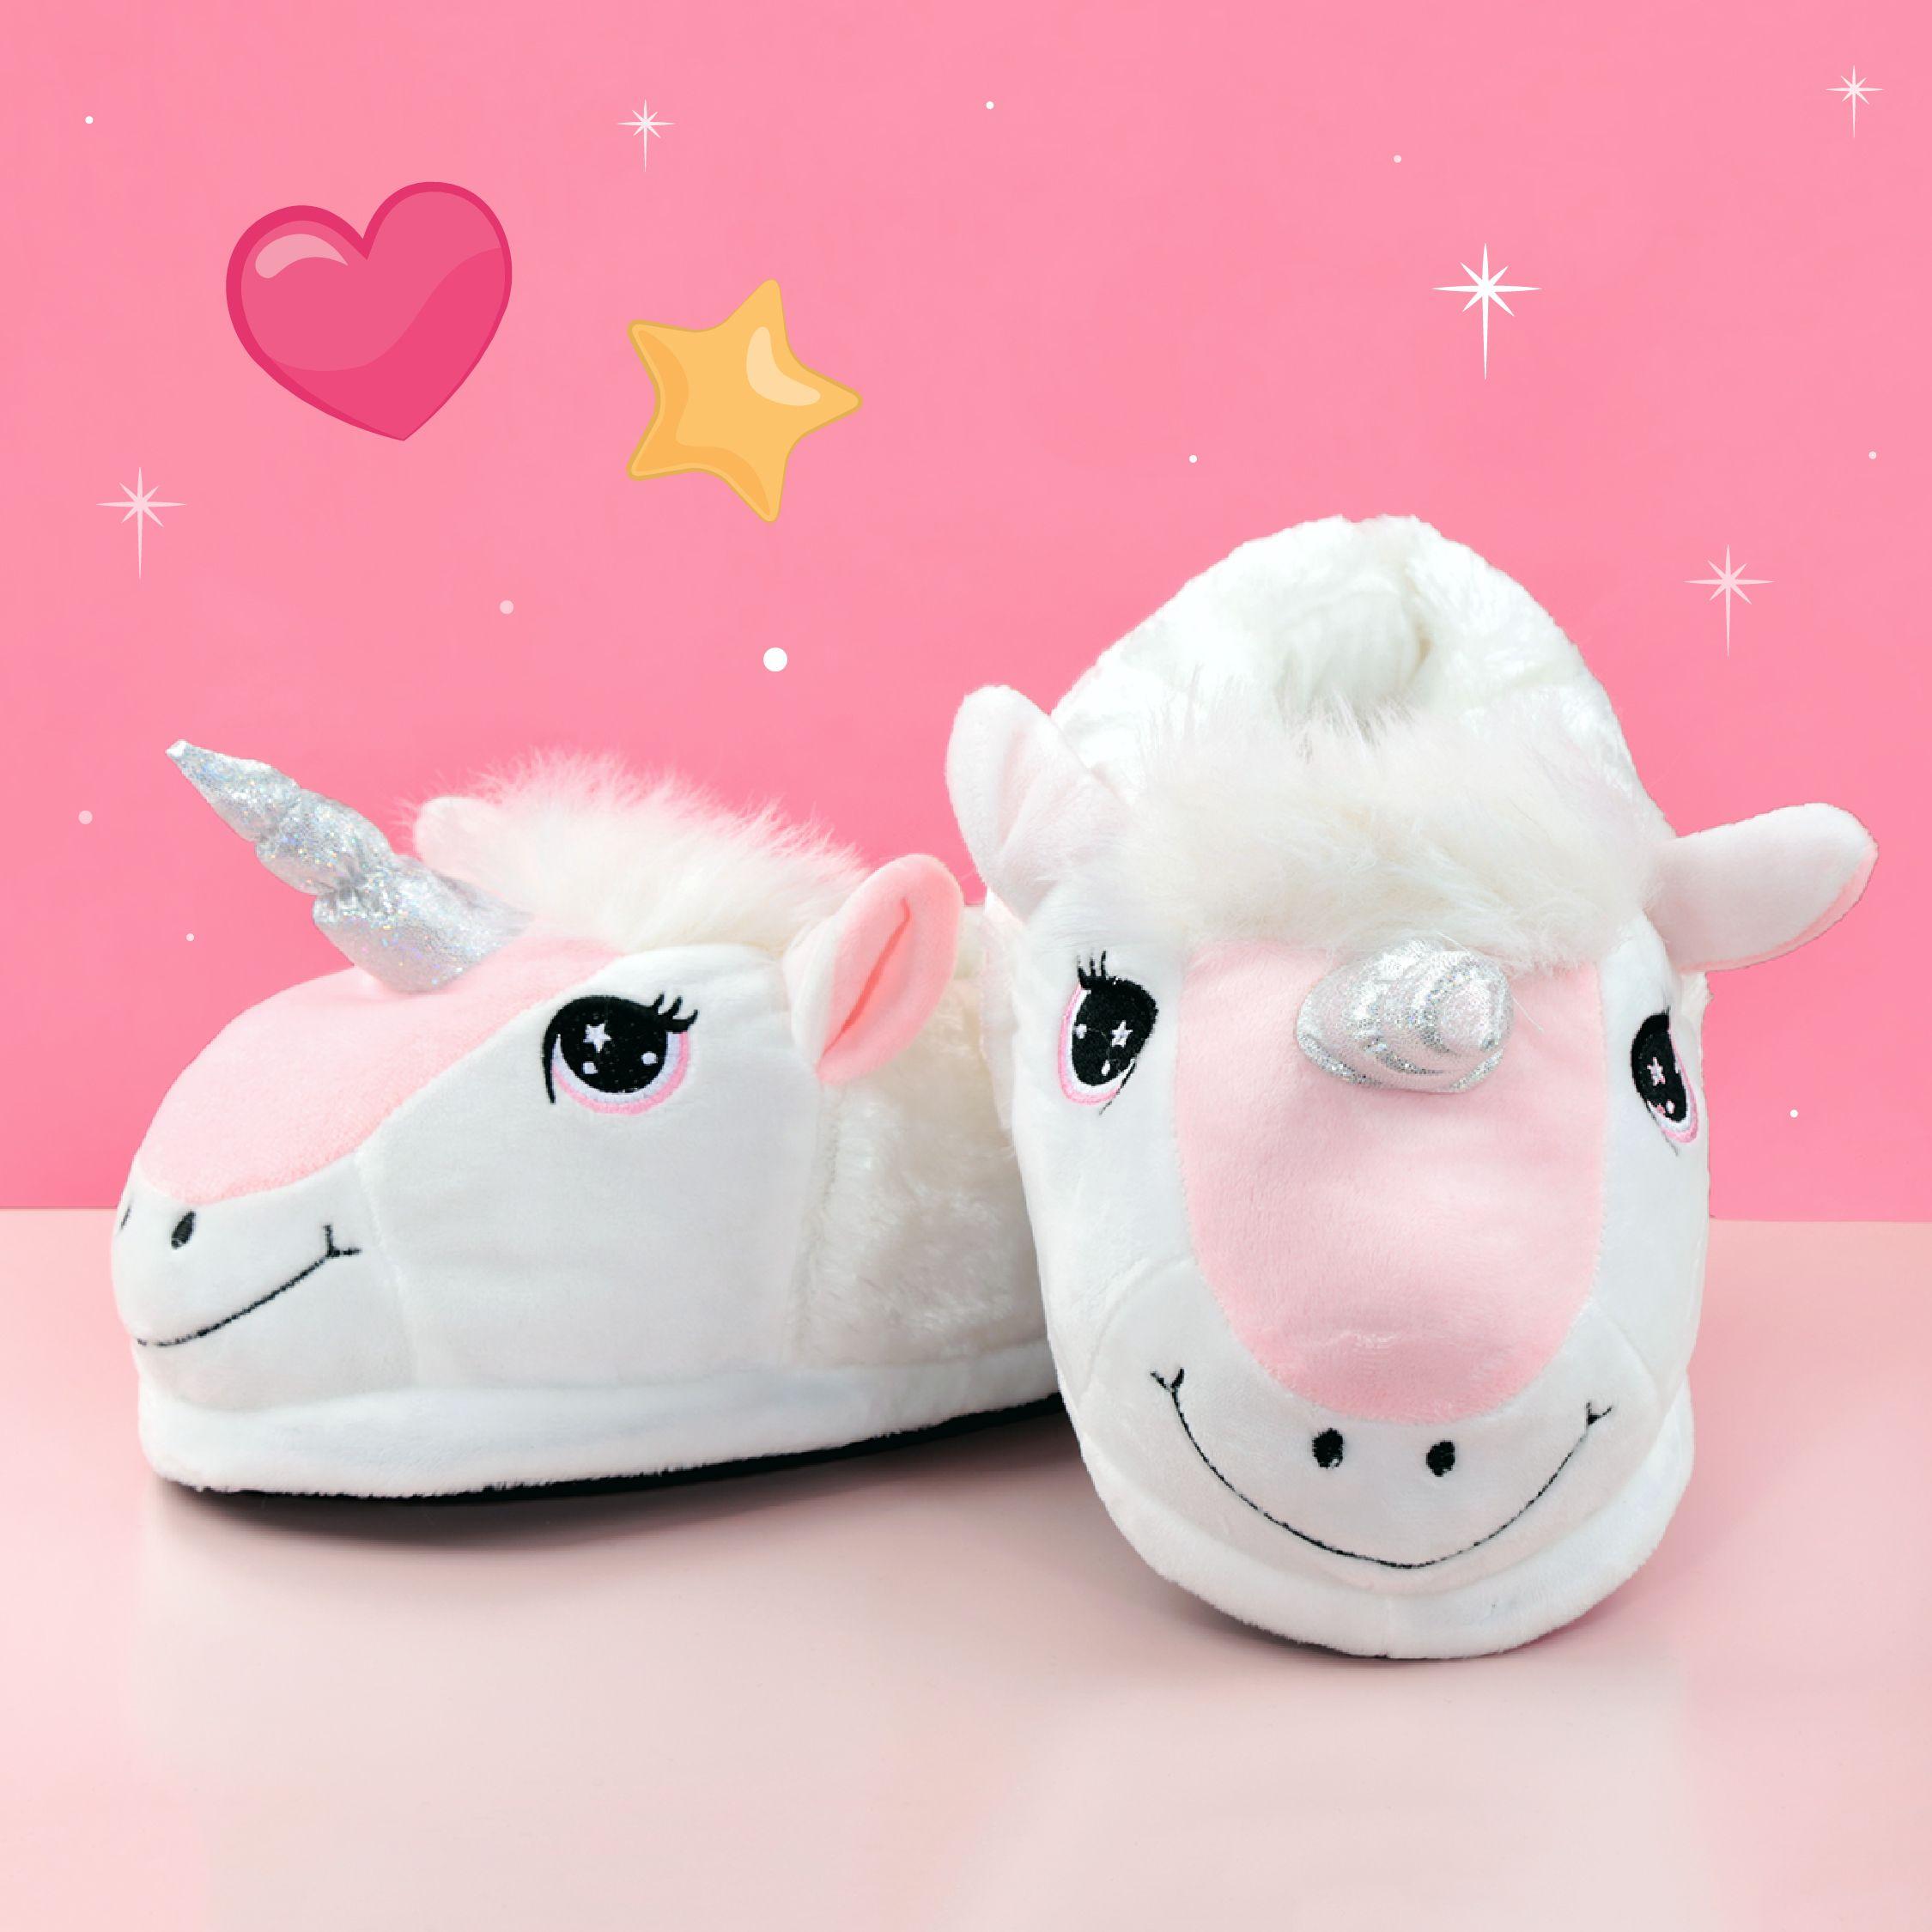 fb355a7b81 Pantuflas diseño unicornio. Zapatillas de estar en casa en dos tamaños para  niño y adulto.  unicornio  rosa  pantuflas  zapatillas  casa